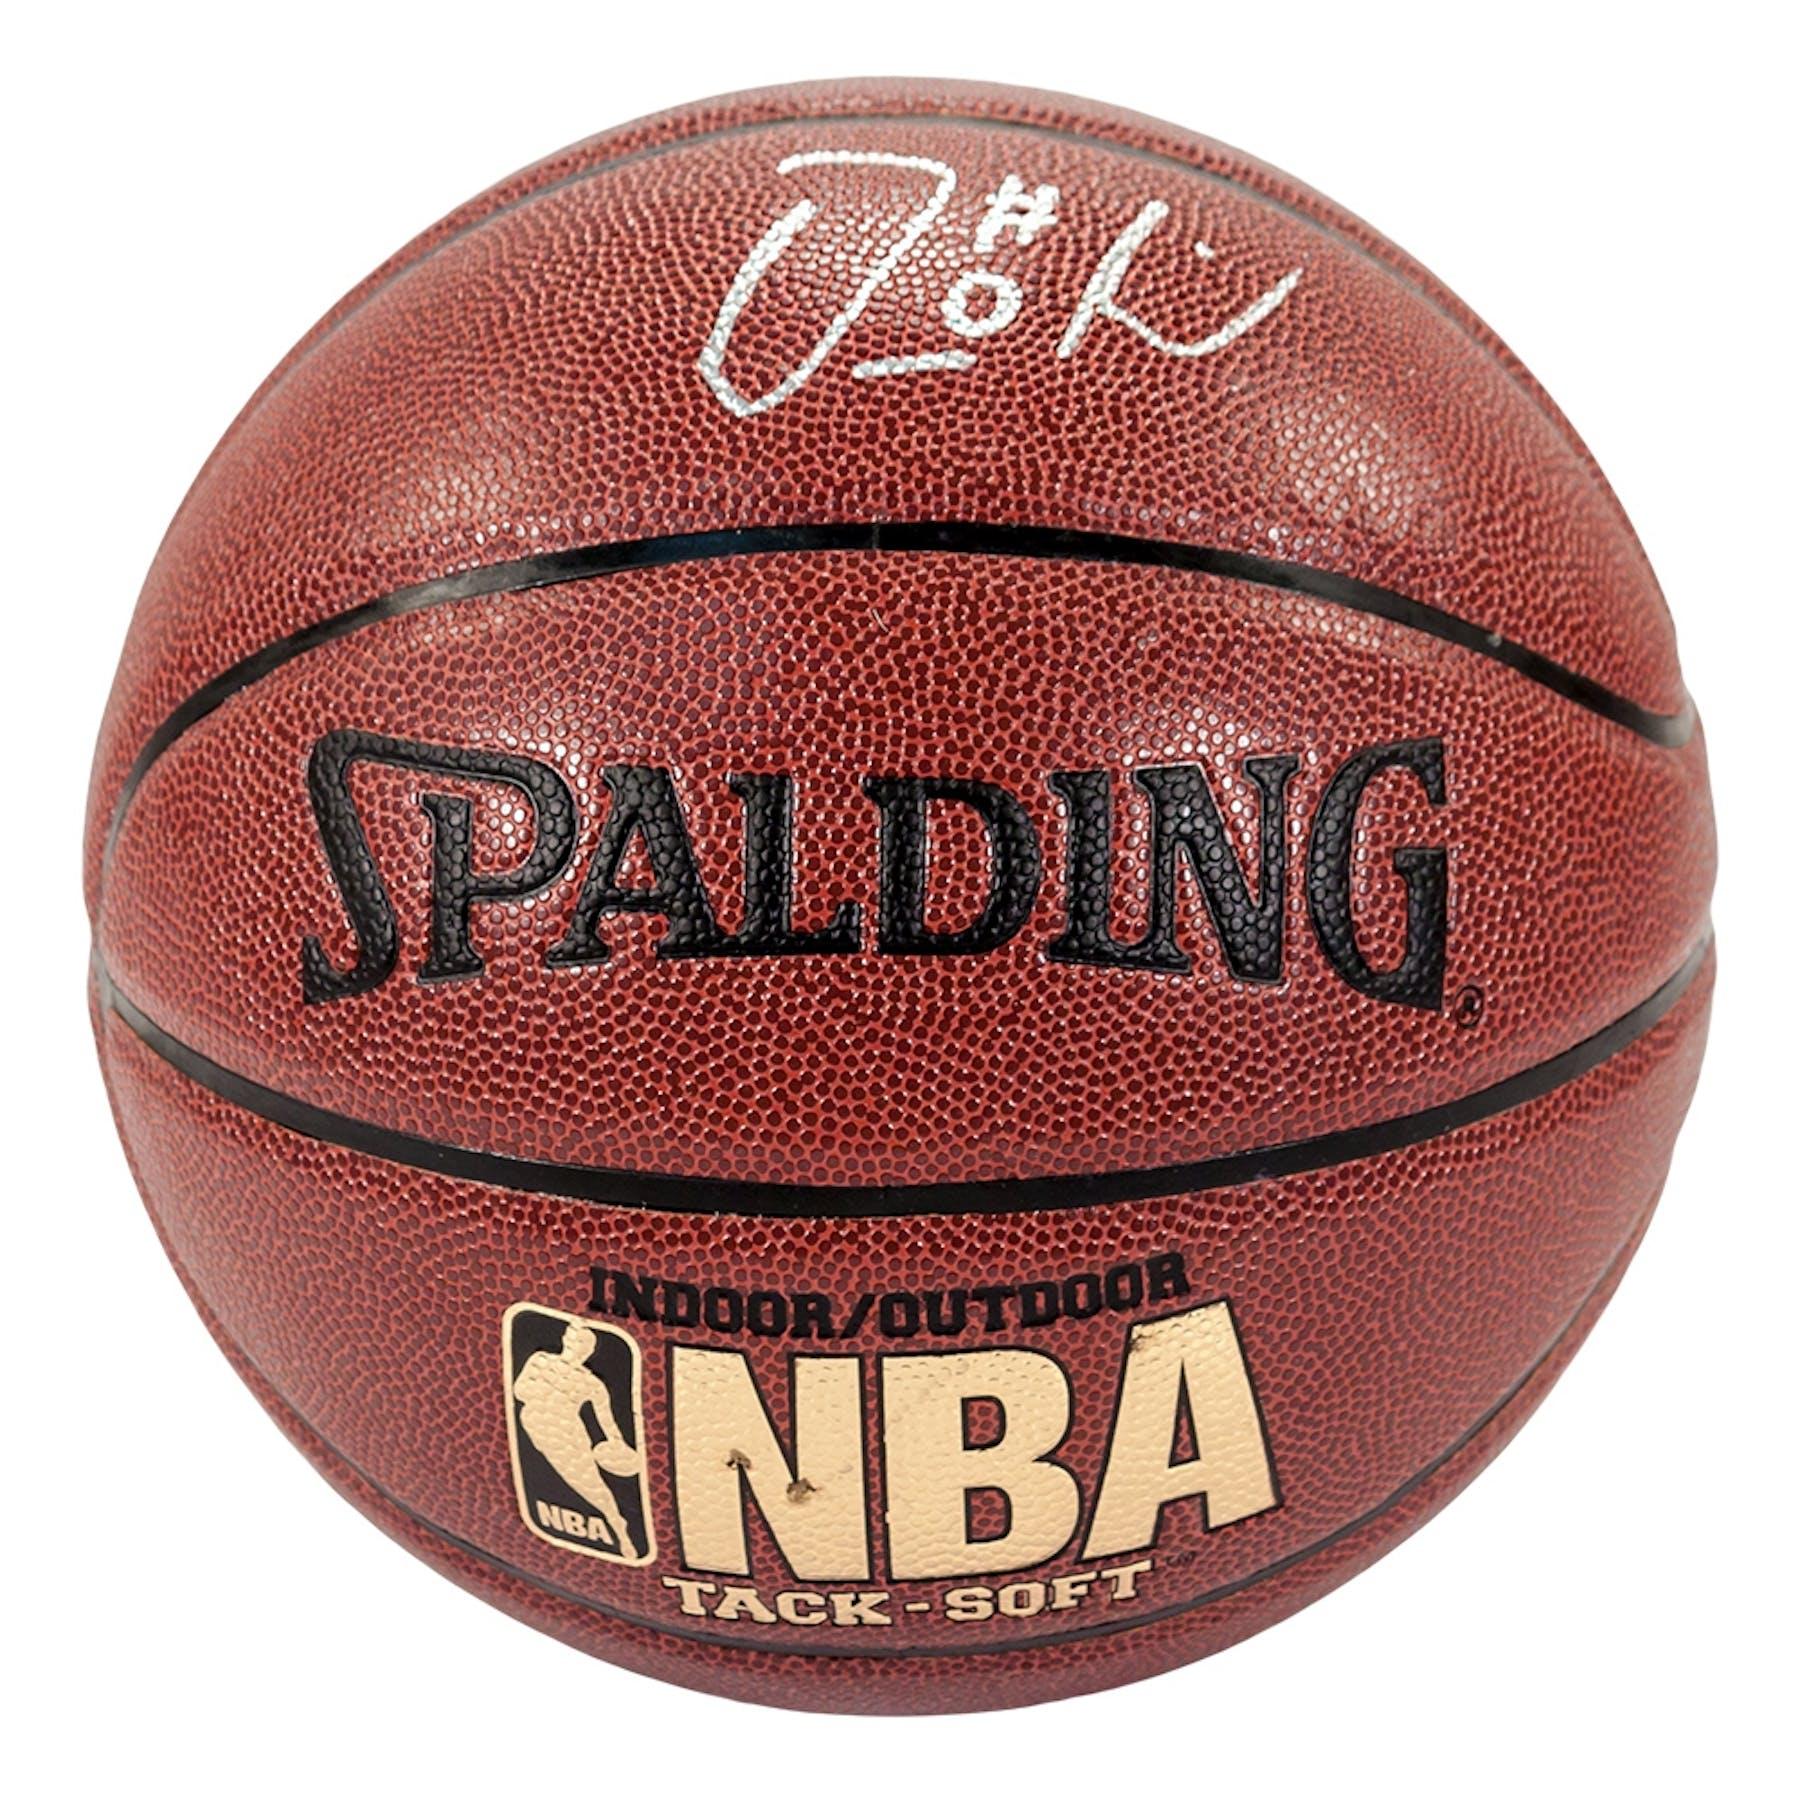 Portland Blazers Roster 2012: Damian Lillard Autographed Portland Trail Blazers Spalding